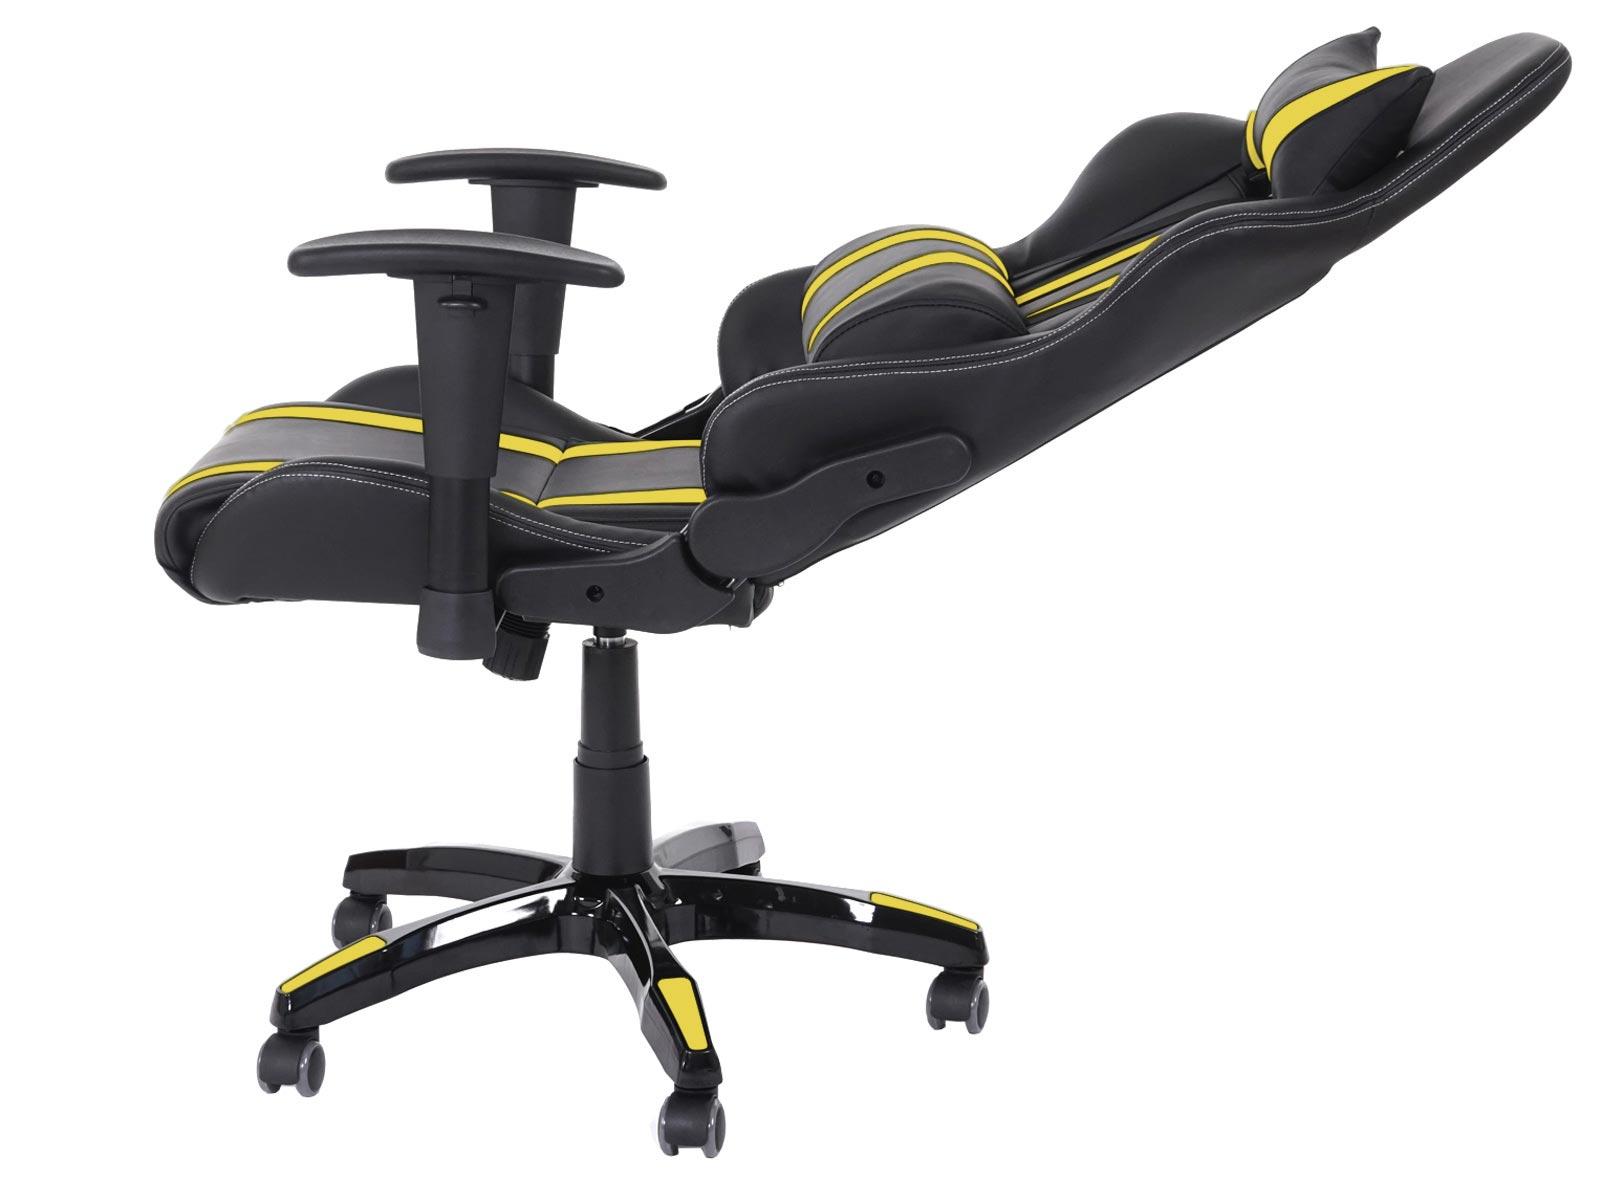 fauteuil chaise de bureau t414 xxl charge 150kg similicuir noir jaune ebay. Black Bedroom Furniture Sets. Home Design Ideas